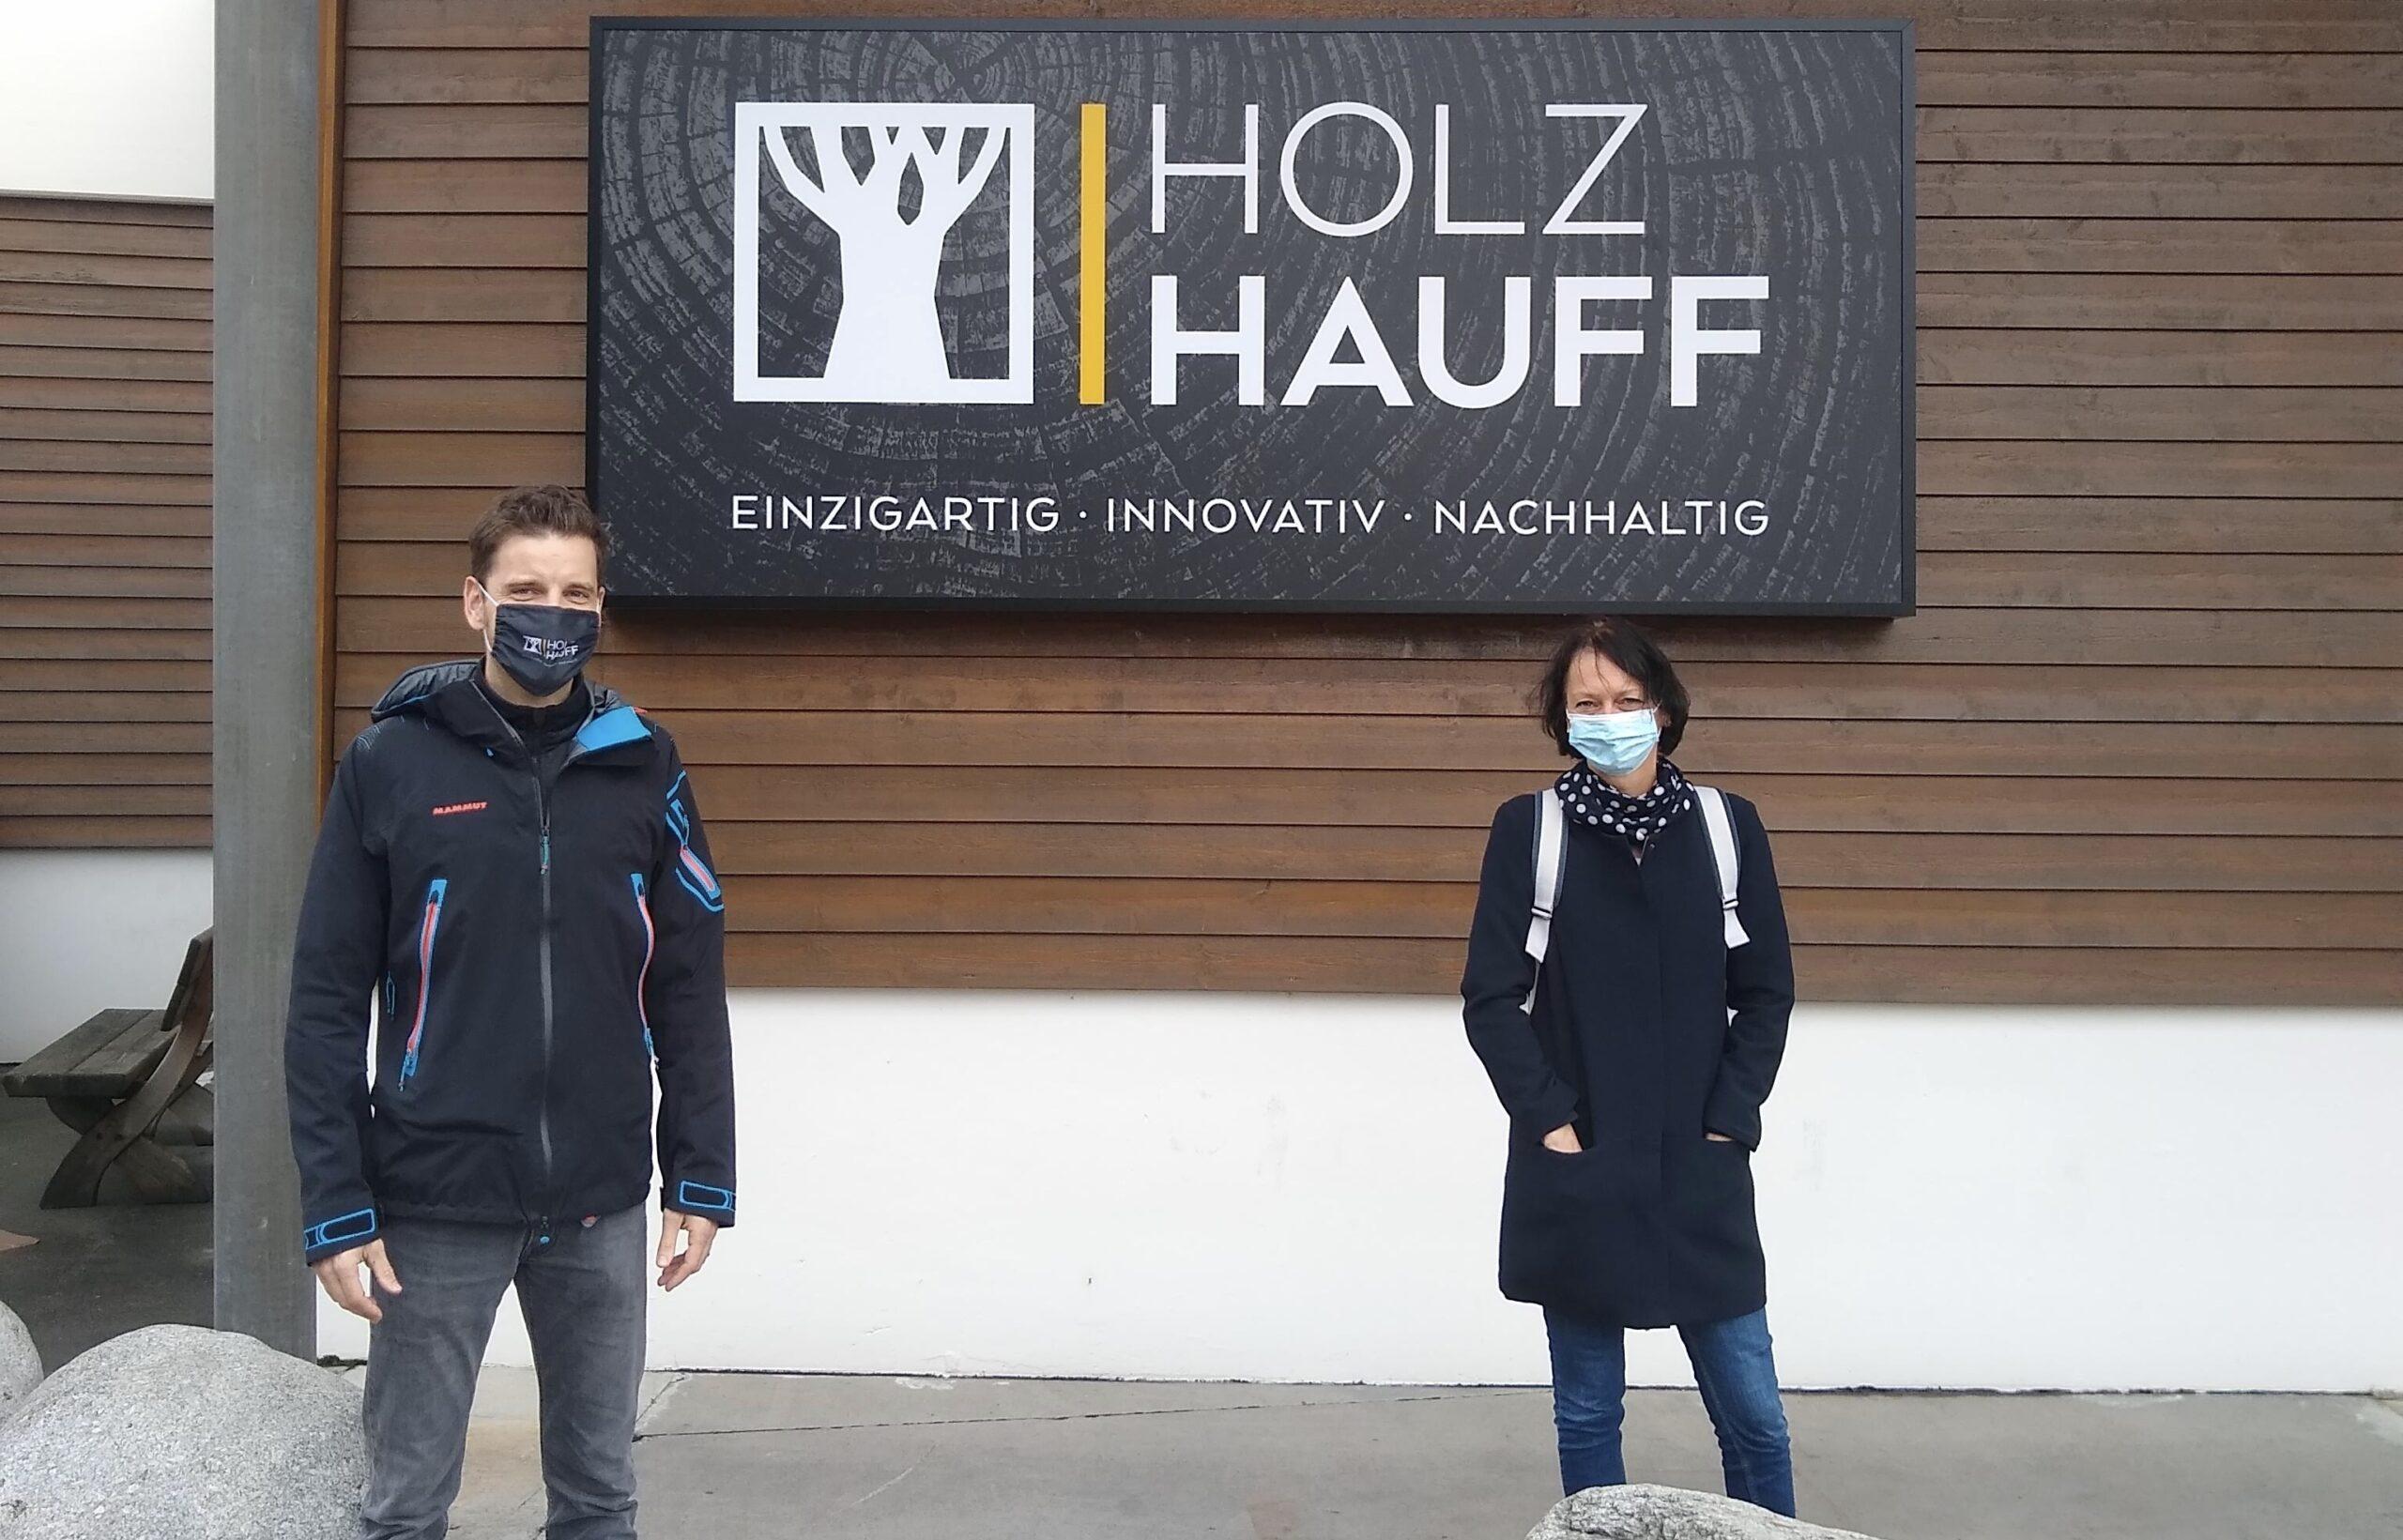 Bauen und Wohnen mit Susanne Bay (rechts) | bei Holz-Hauff GmbH in Leingarten